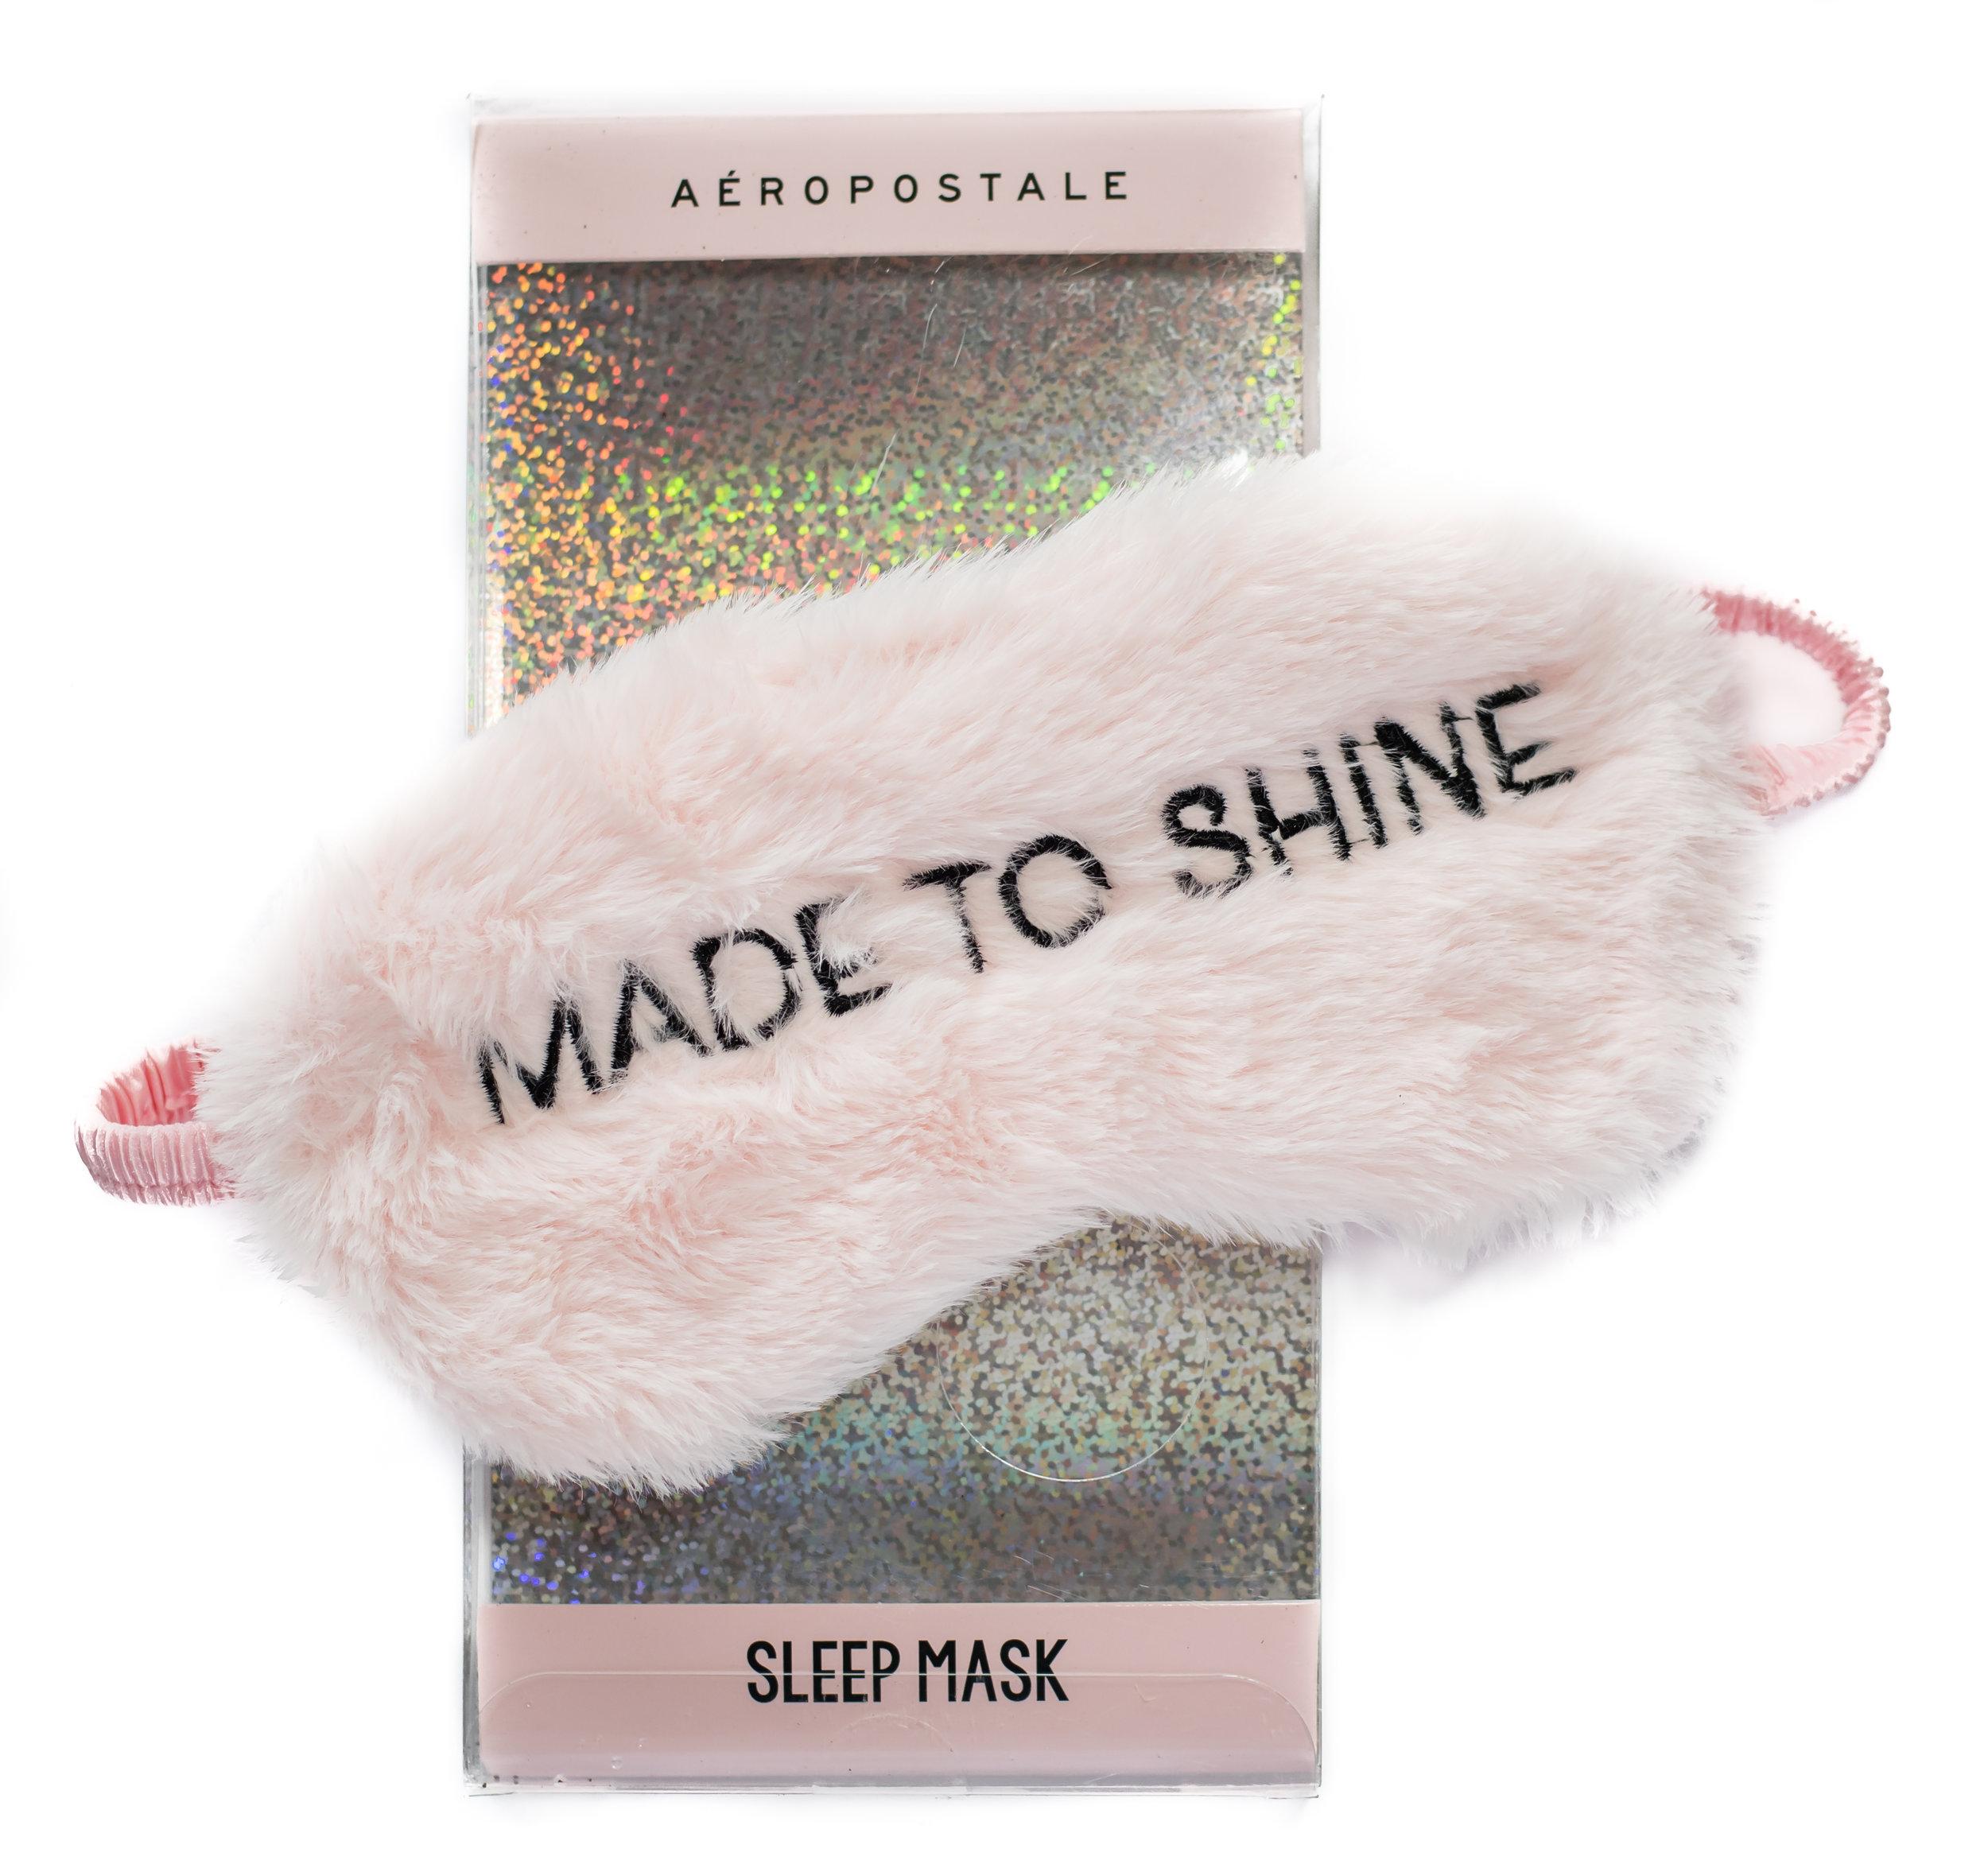 sleep mask christmas gift from Aeropostale